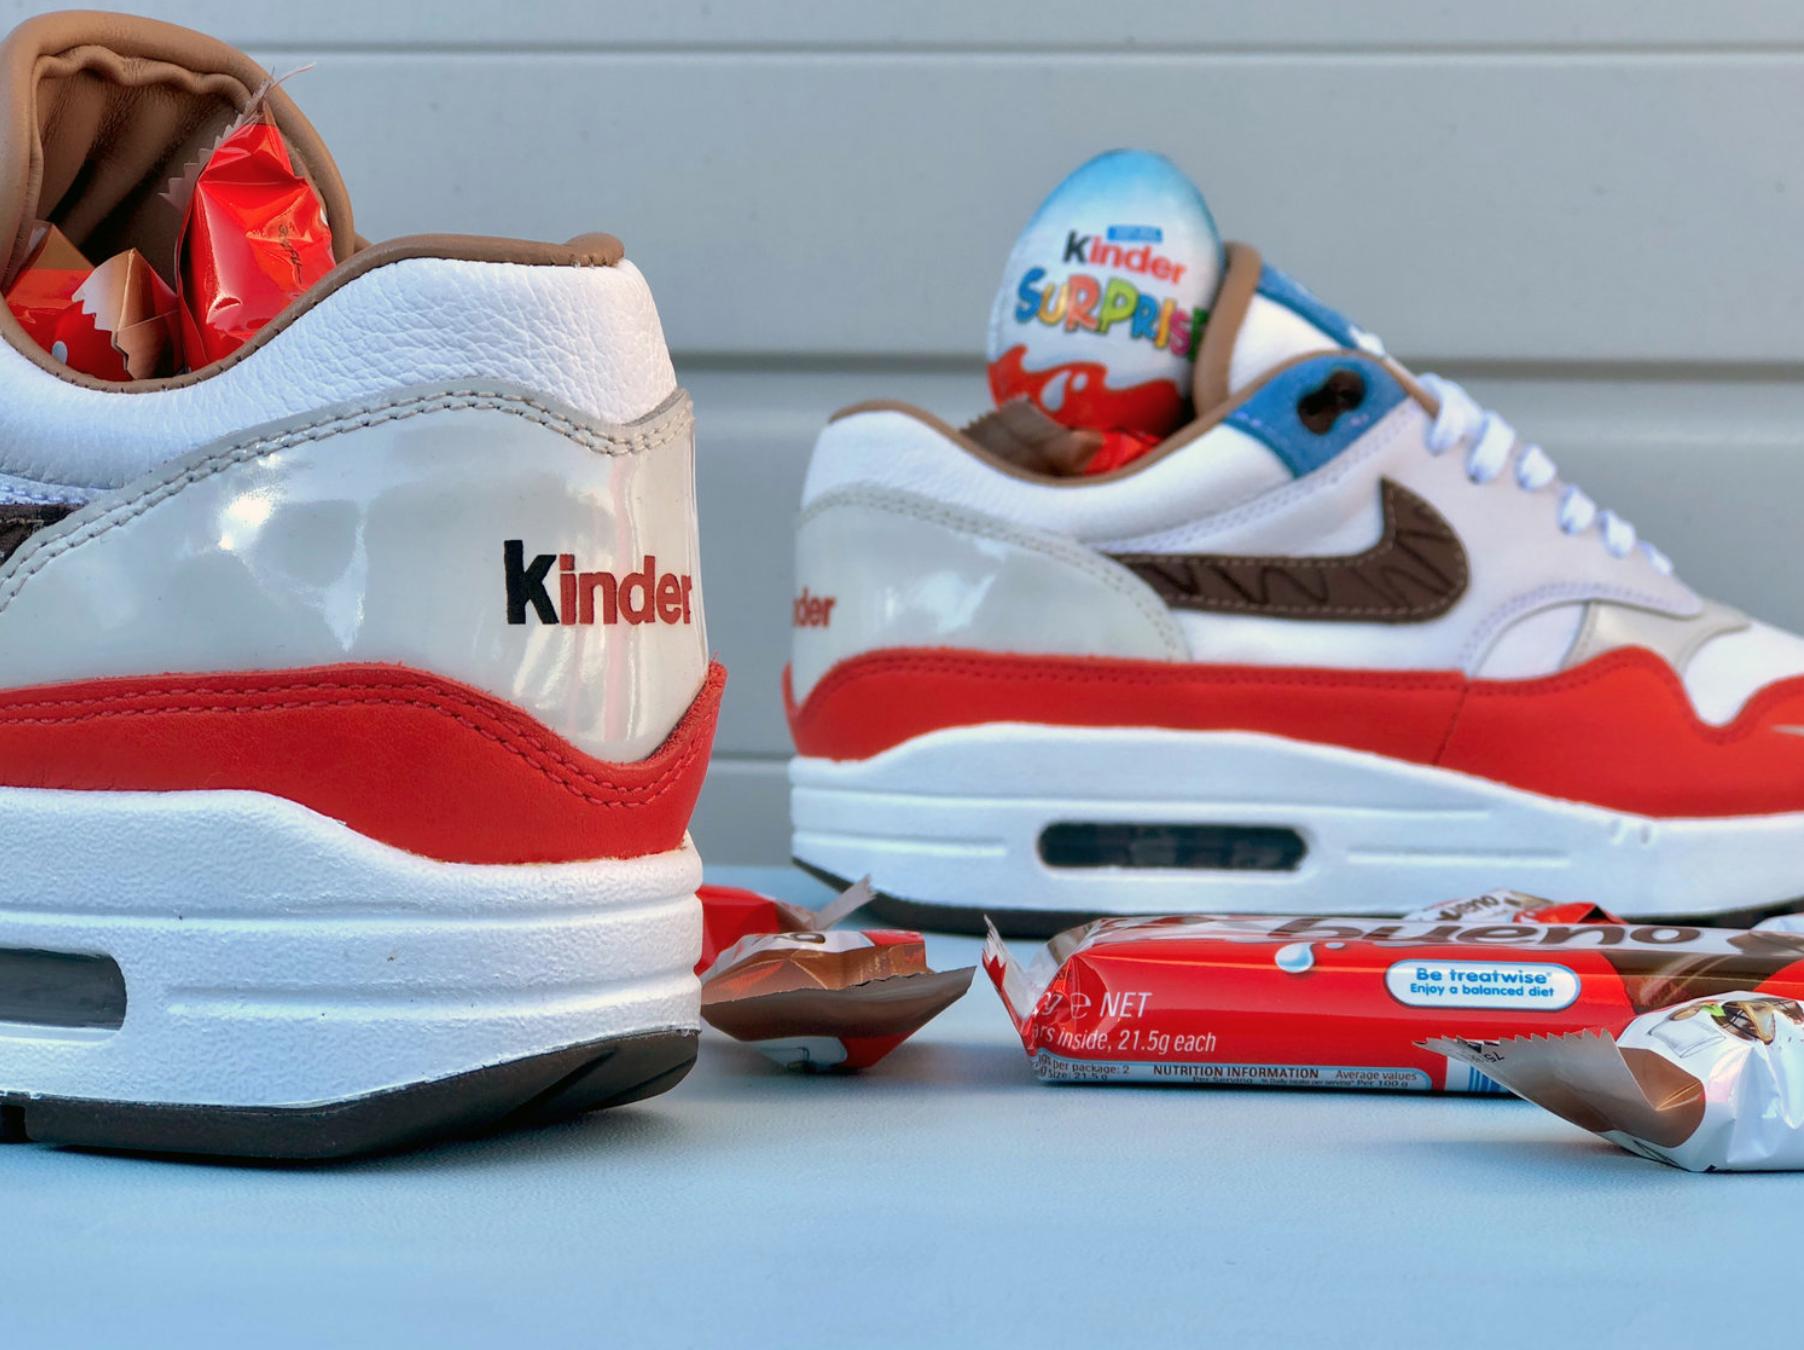 De Amoureux Des Édition Nike Kinder En Pour Les Chaussures Limitée xBQodWECre